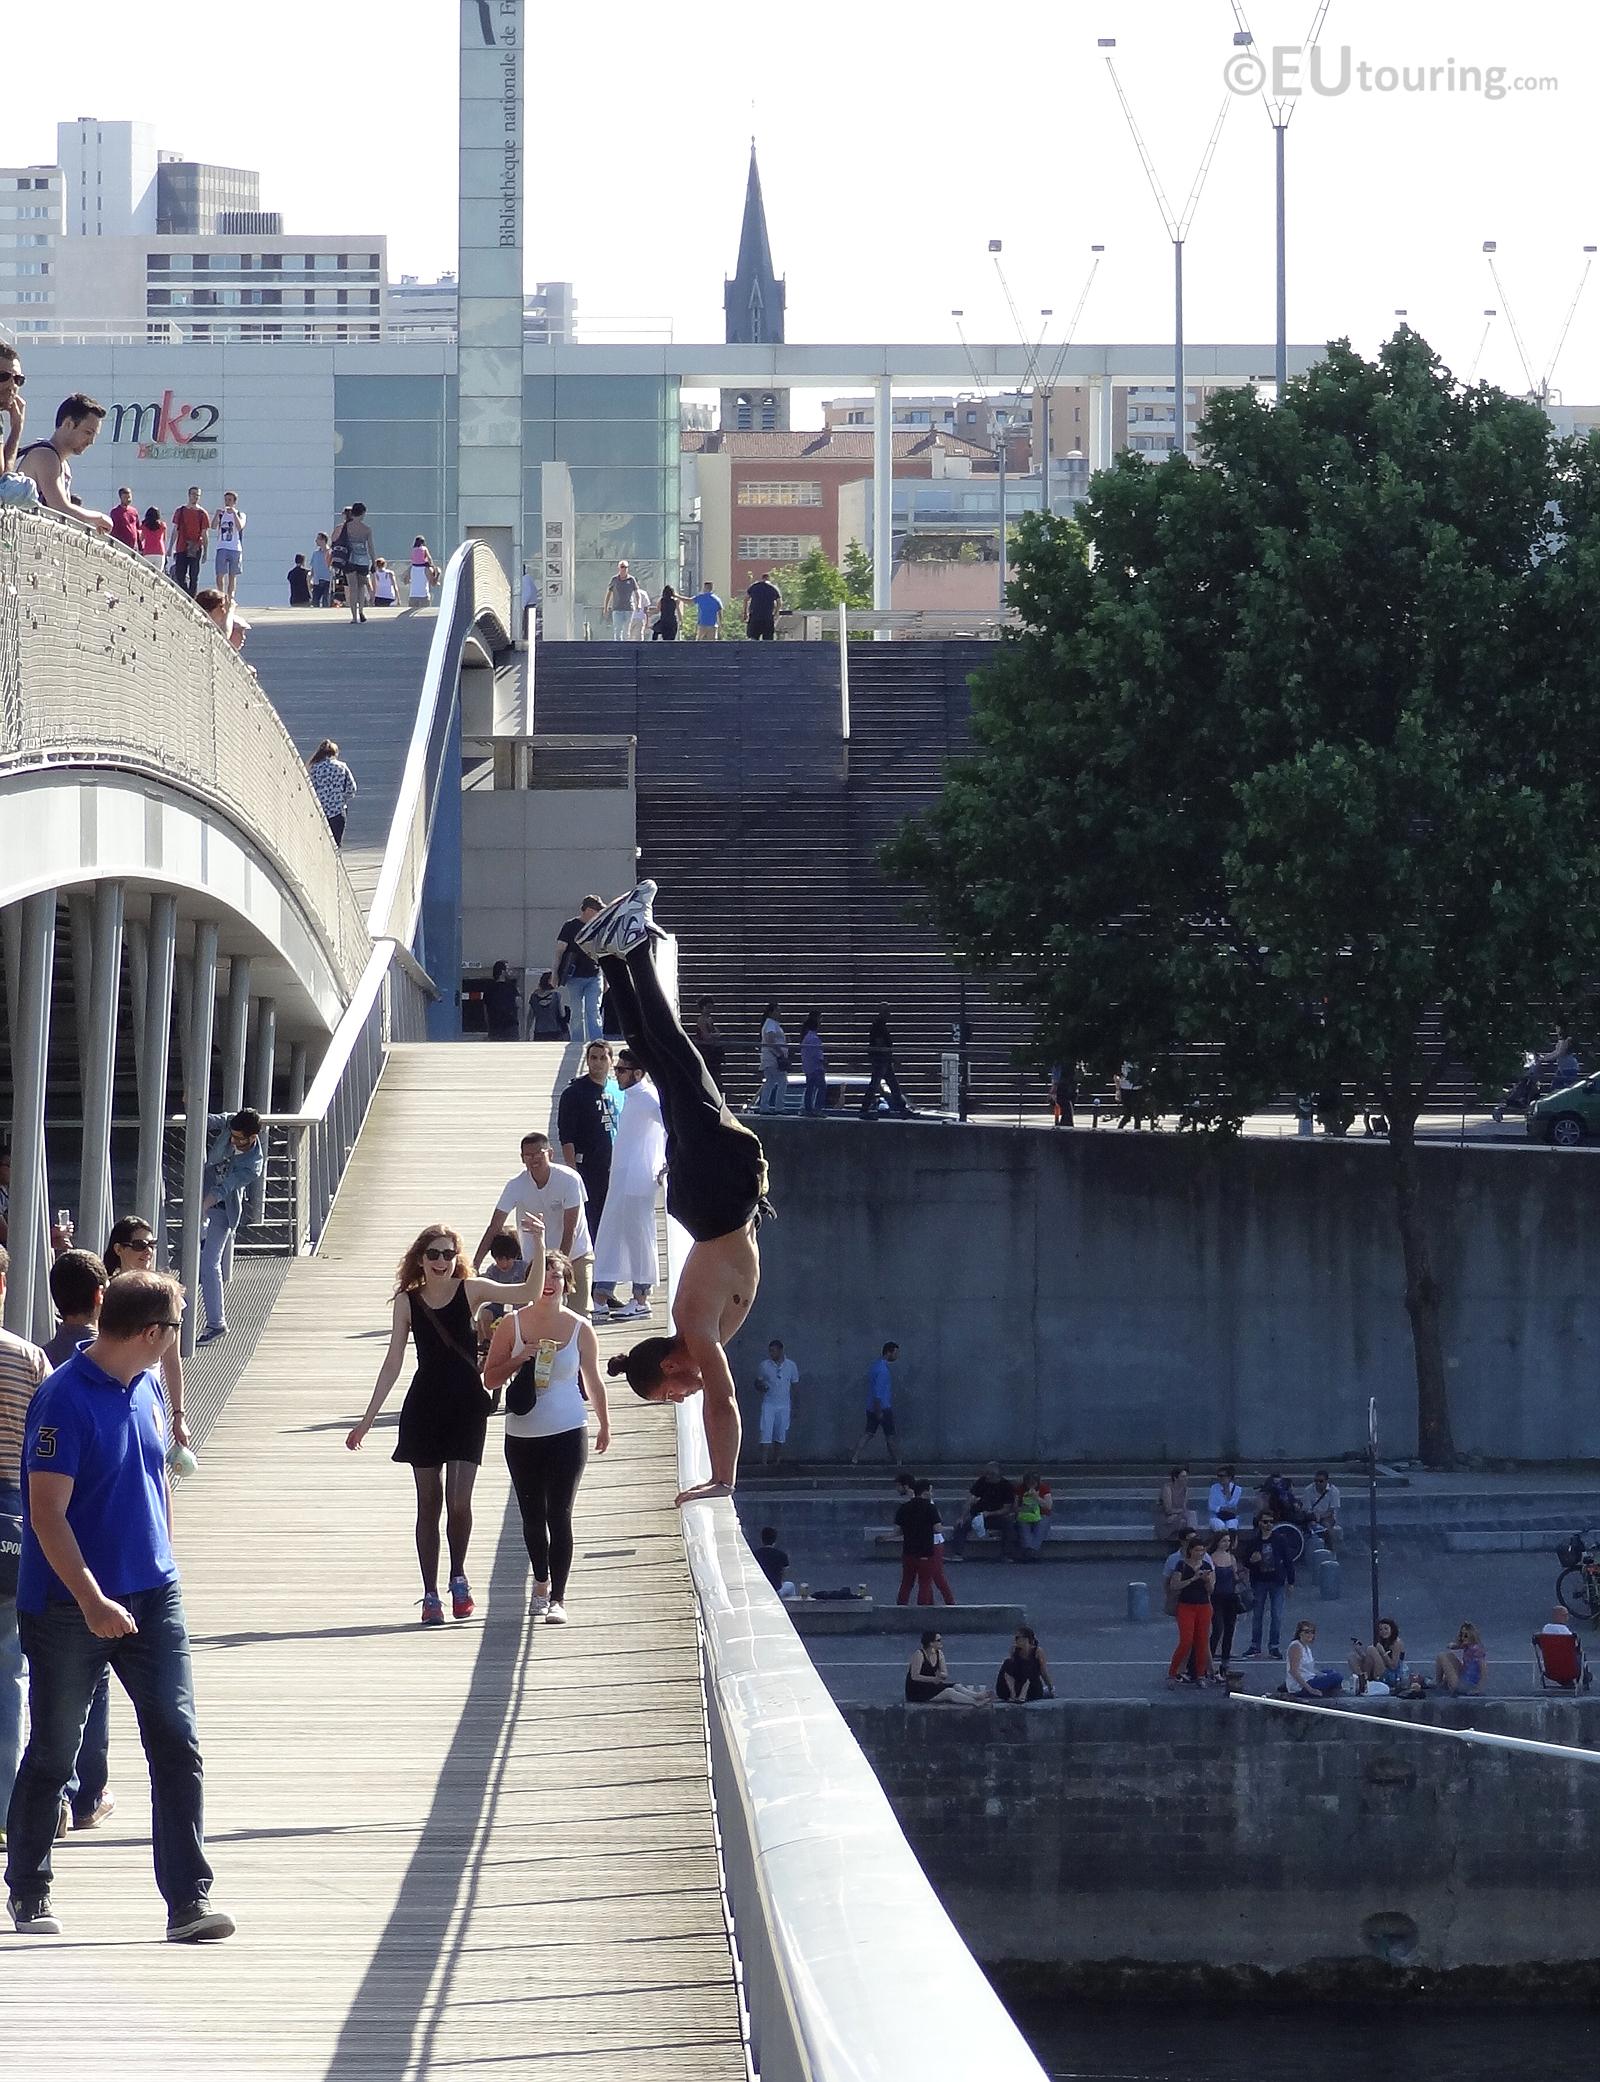 Handstands on the bridge